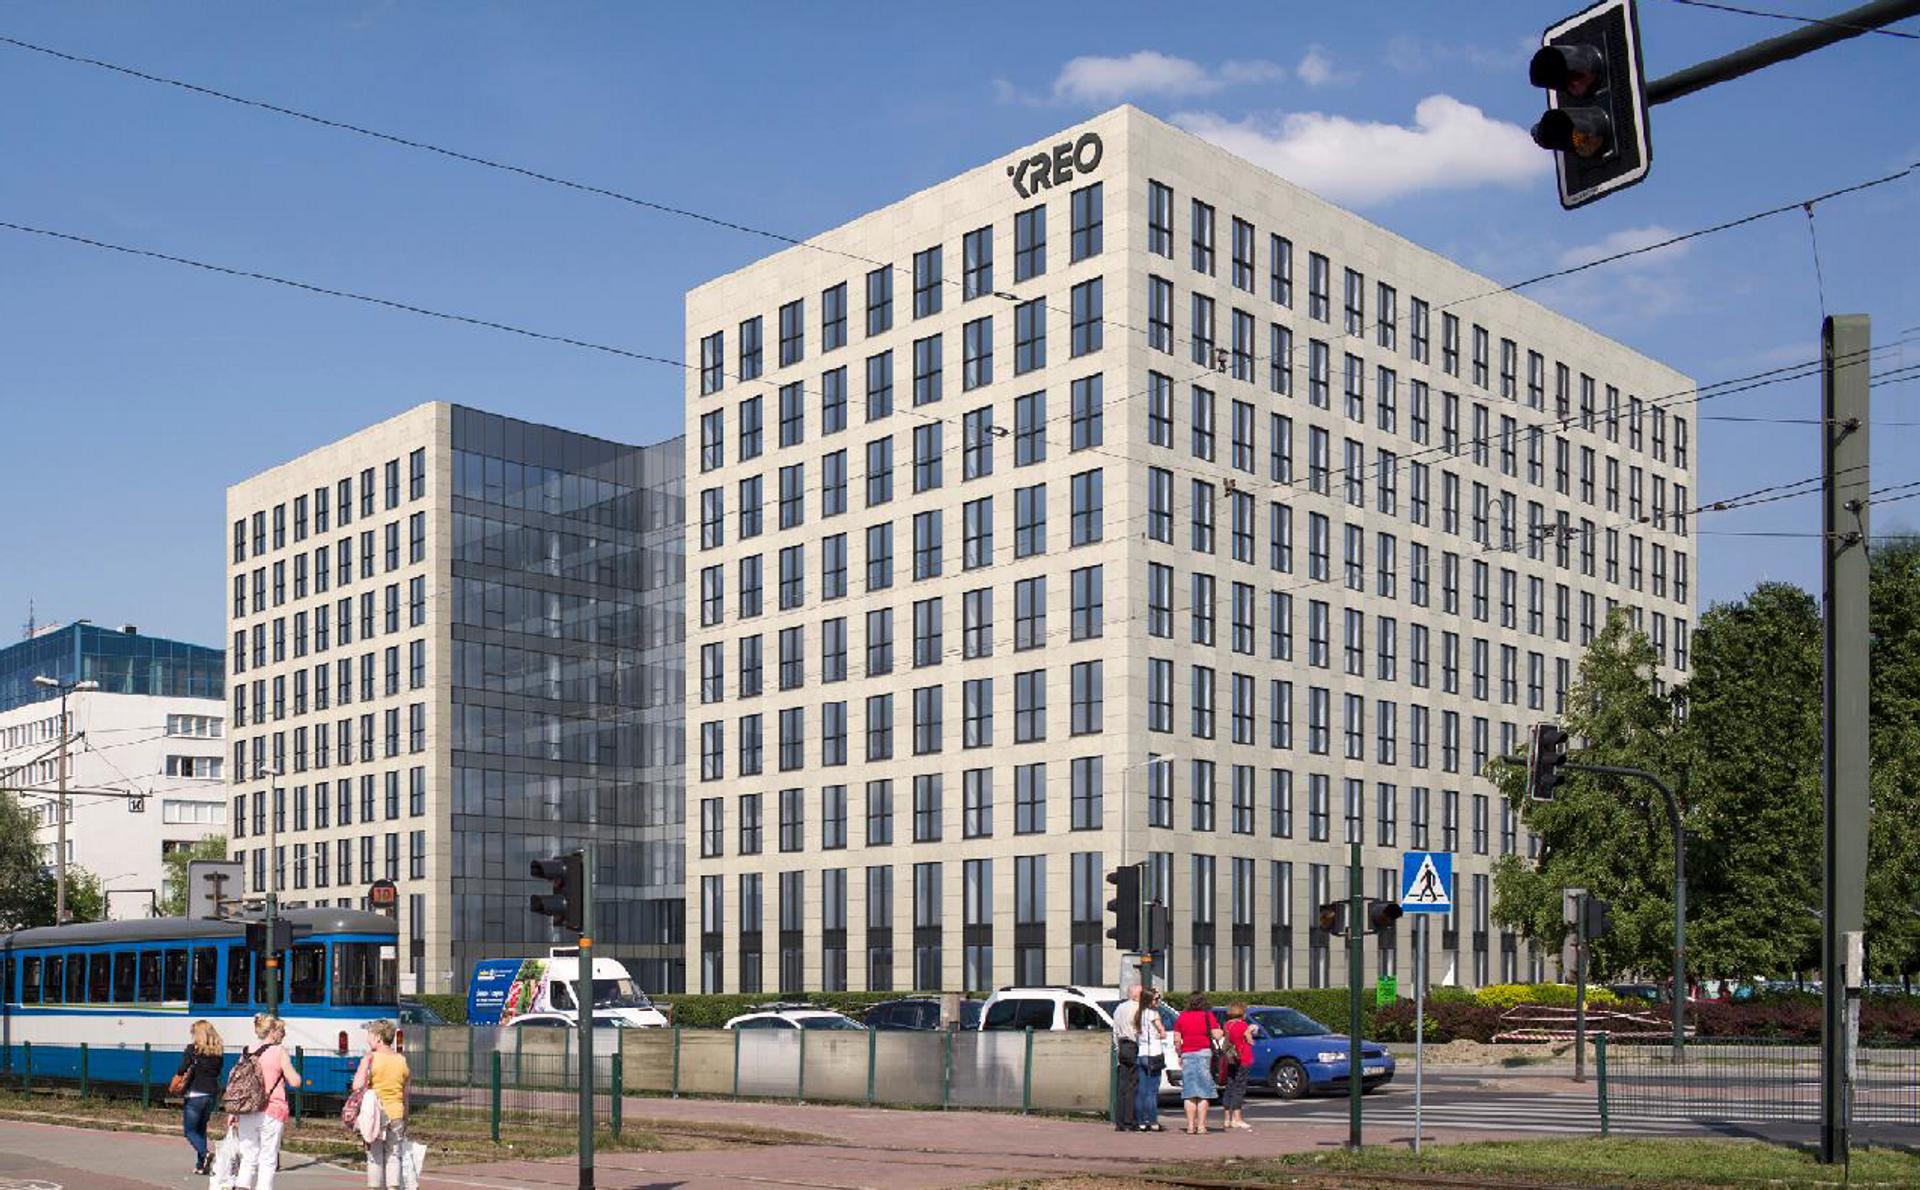 W Krakowie trwa budowa biurowca KREO [ZDJĘCIA + WIZUALIZACJE]